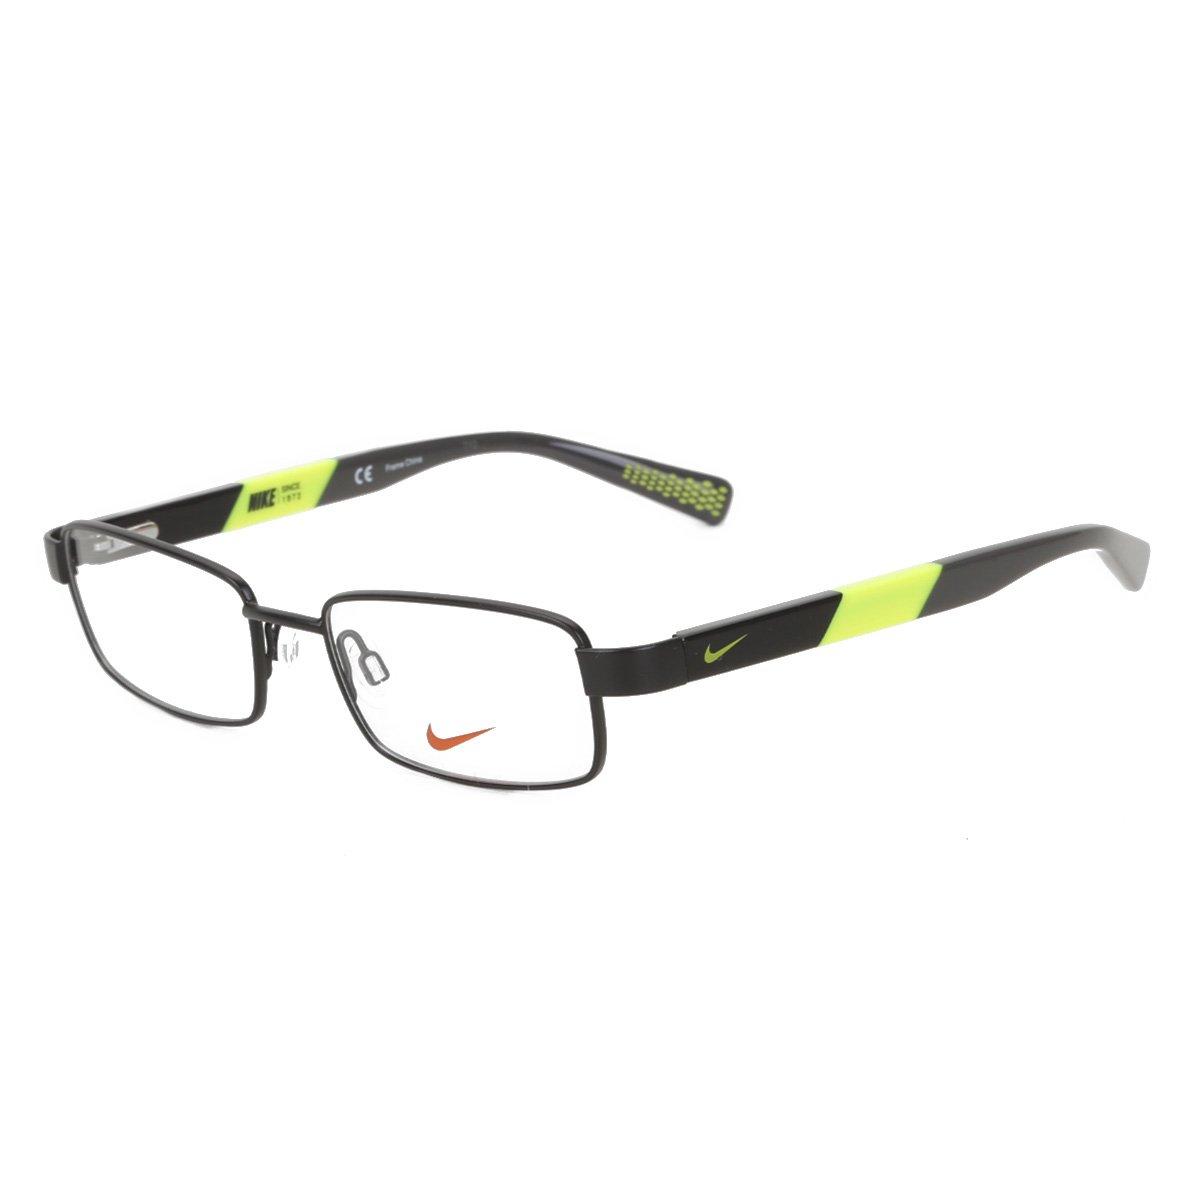 Óculos Juvenil Nike 5573 011